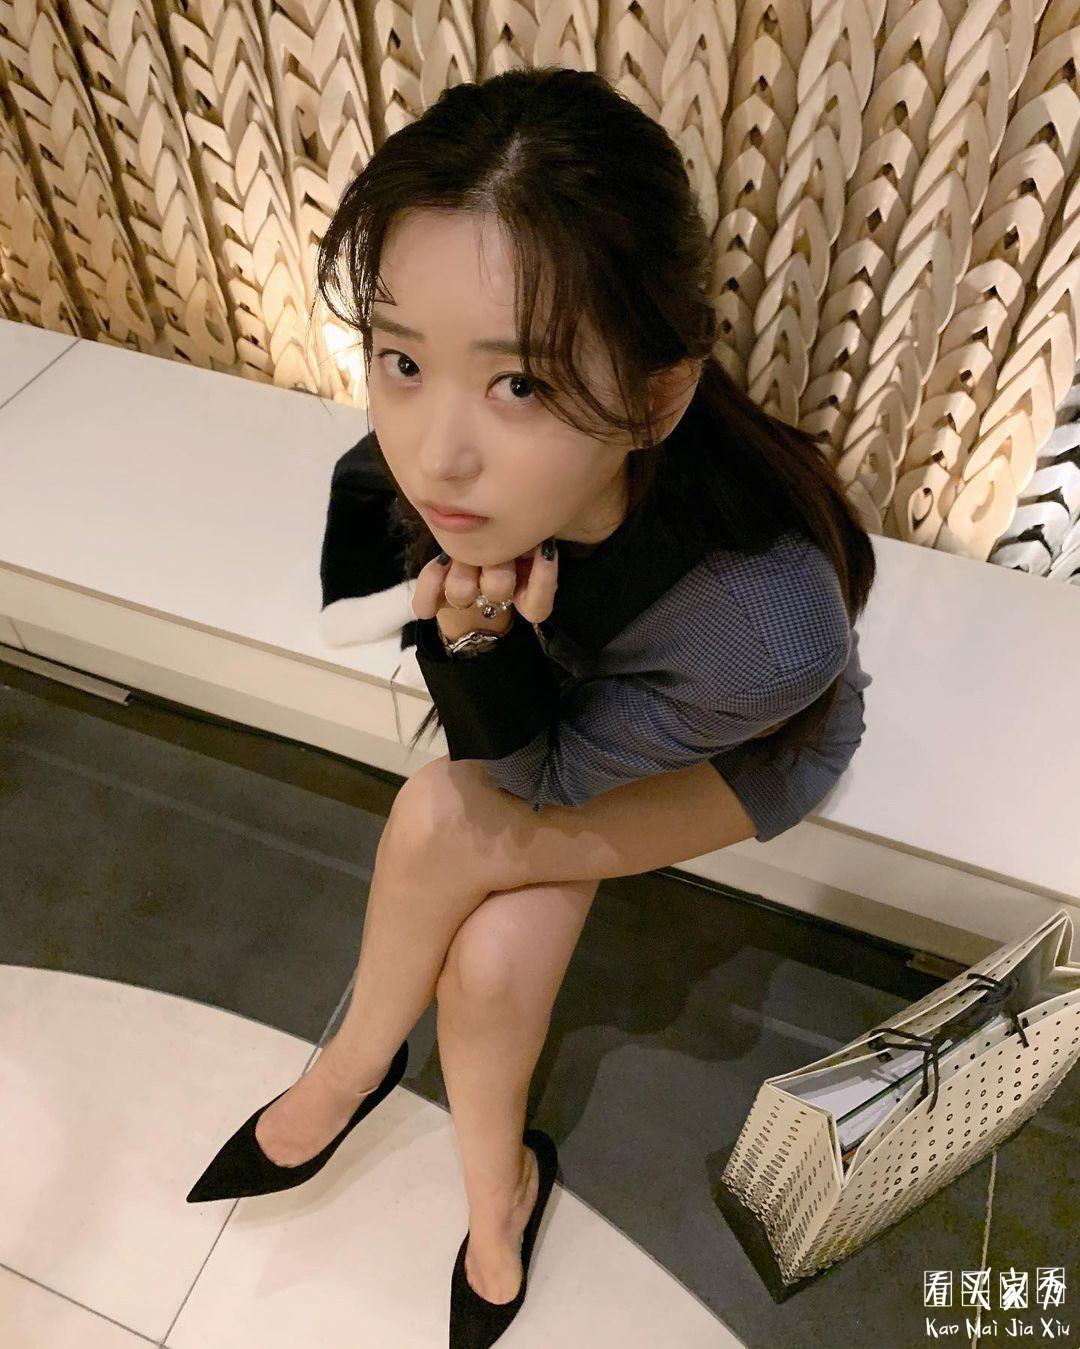 [微博福利]又细又长的大长腿美女,非常有古风的味道4